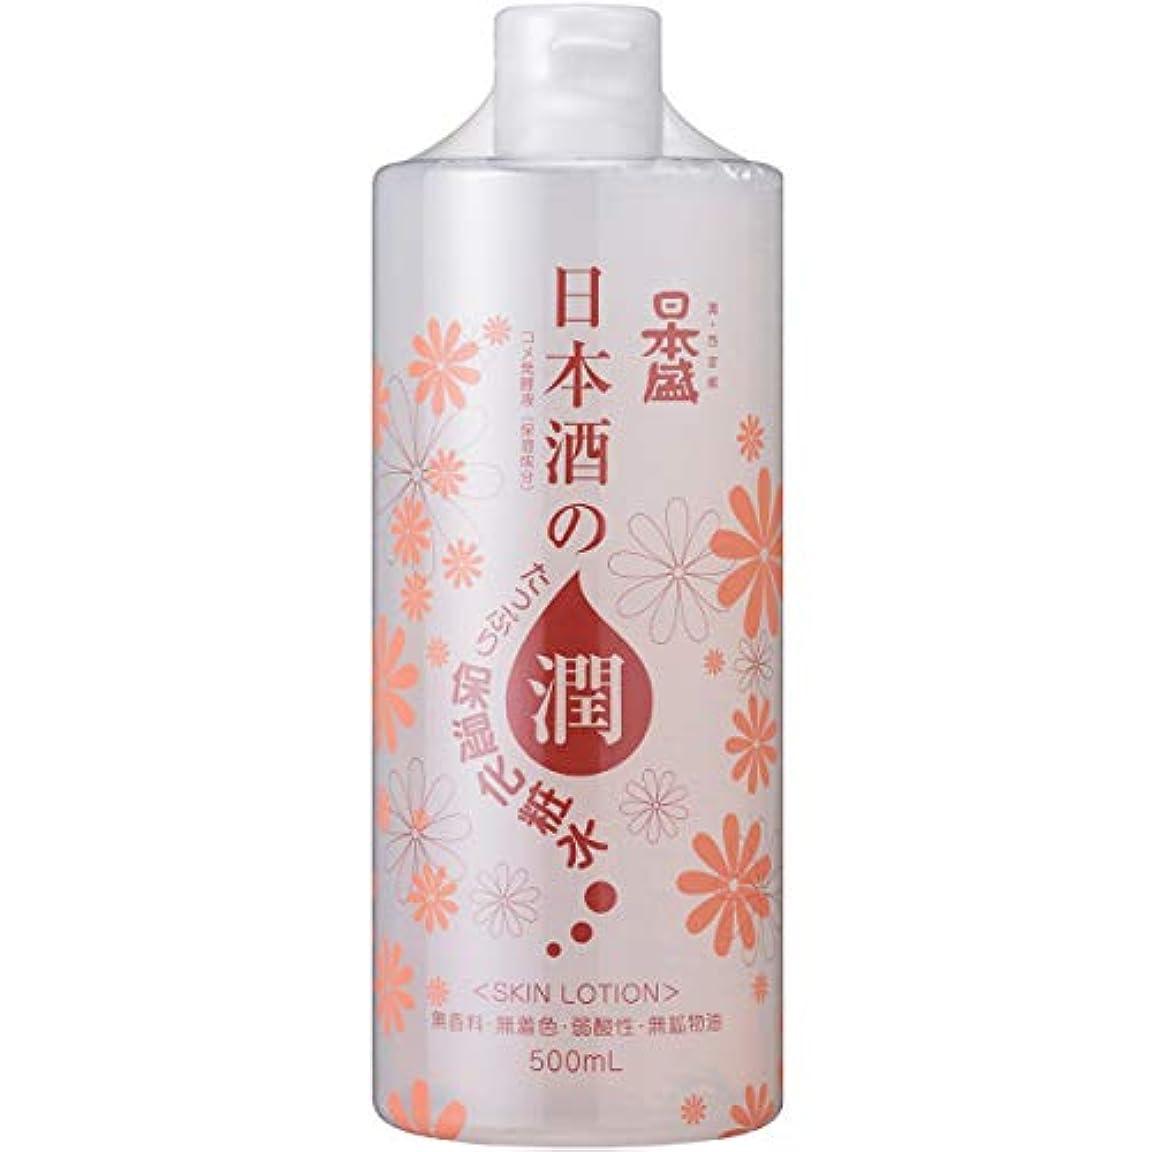 パワーセル永遠にワーカー日本酒の保湿化粧水 500mL